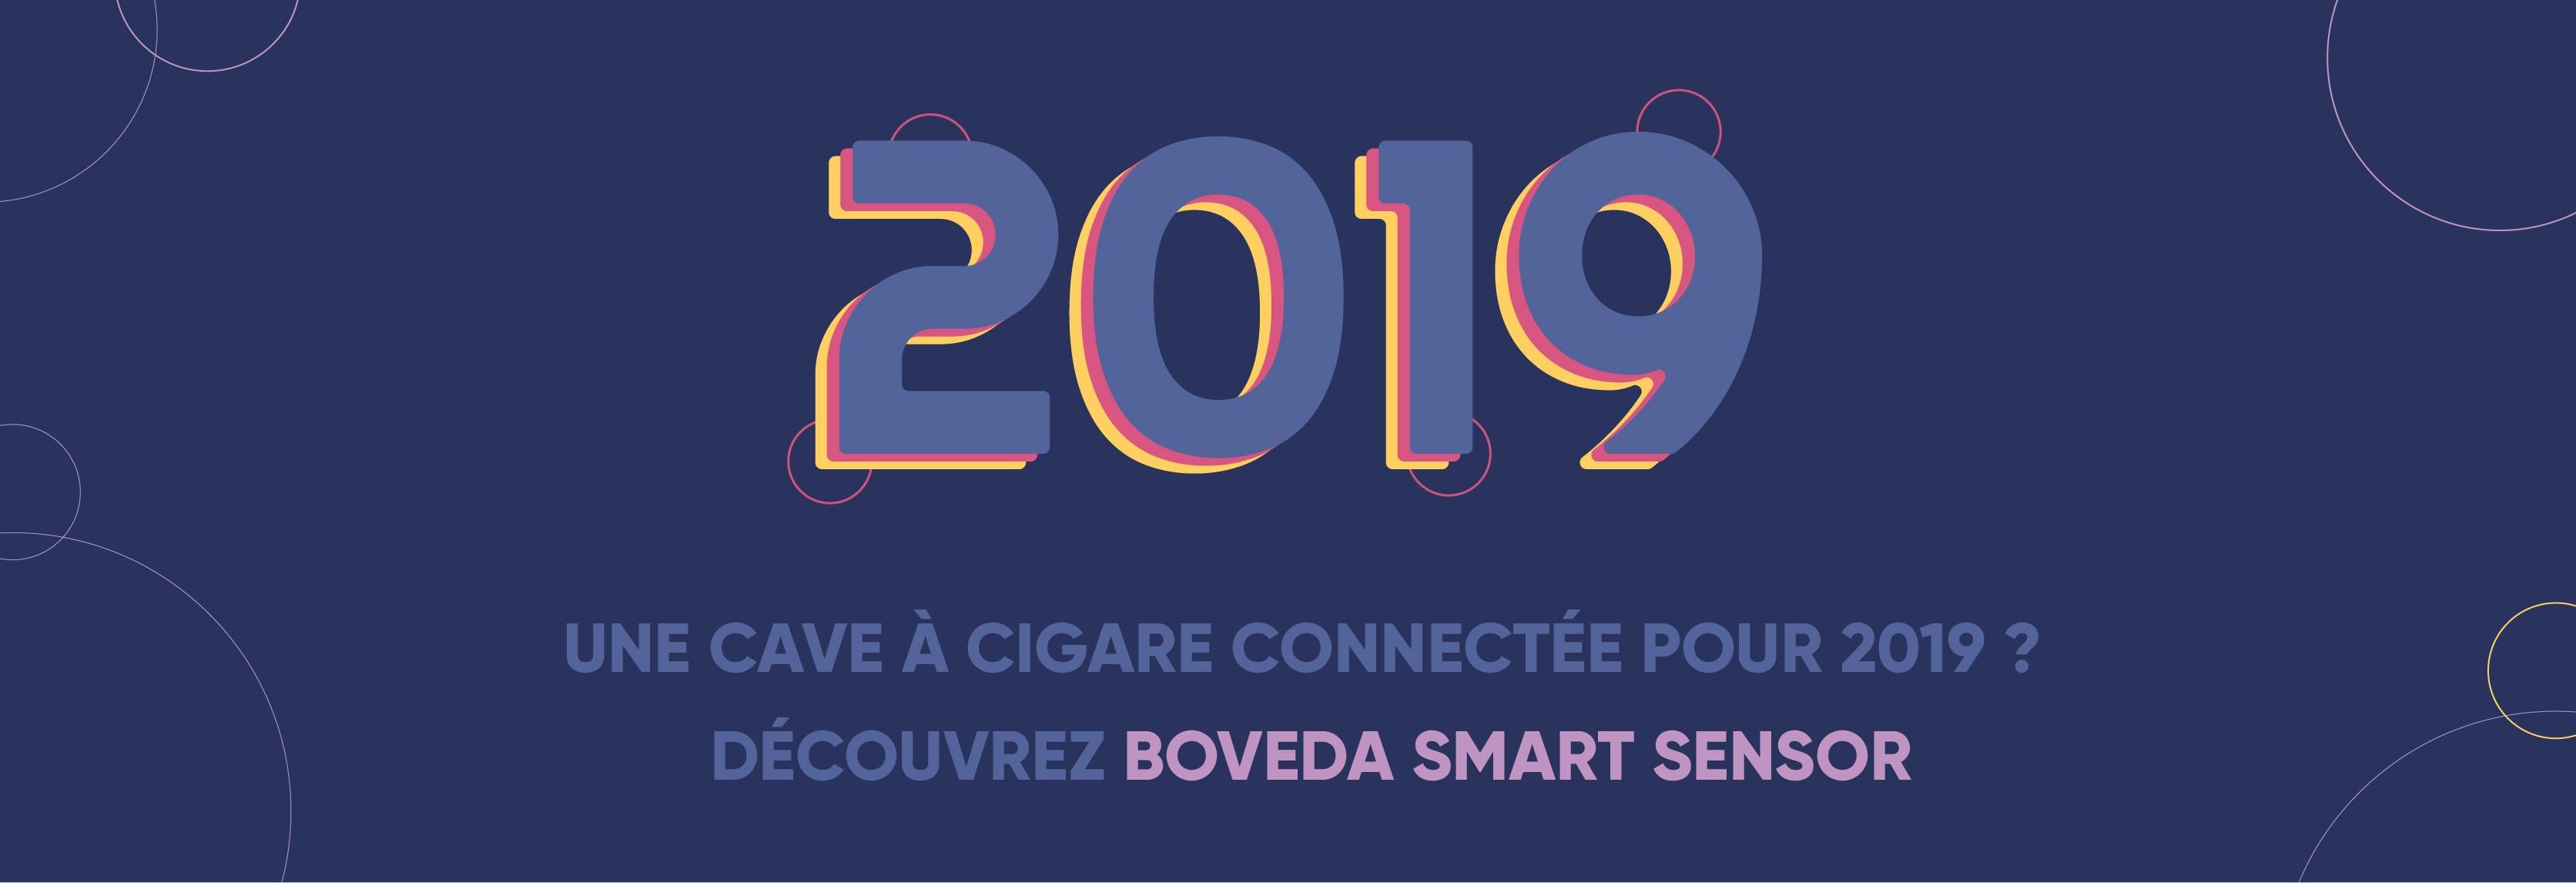 Promotion du nouveau produit boveda